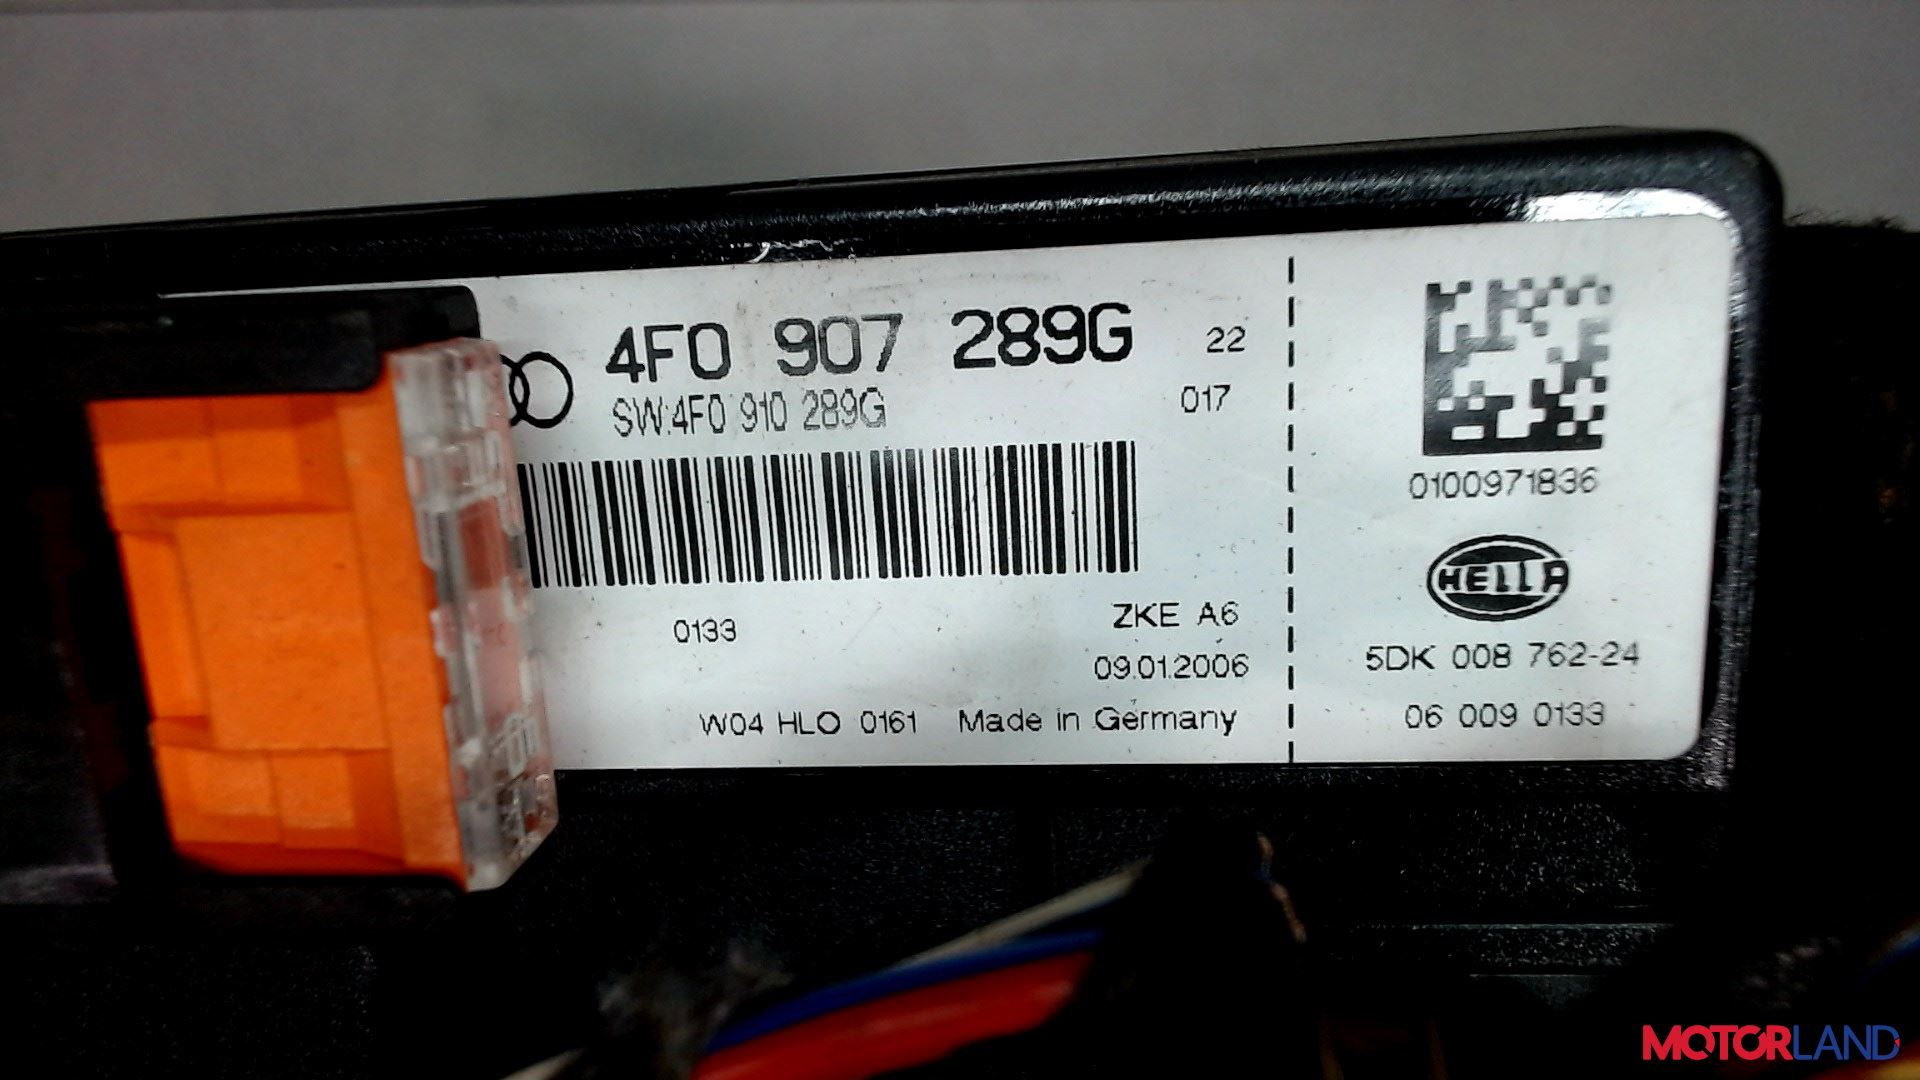 Блок управления (ЭБУ) Audi A6 (C6) 2005-2011 2.7 л. 2006 BPP б/у #3